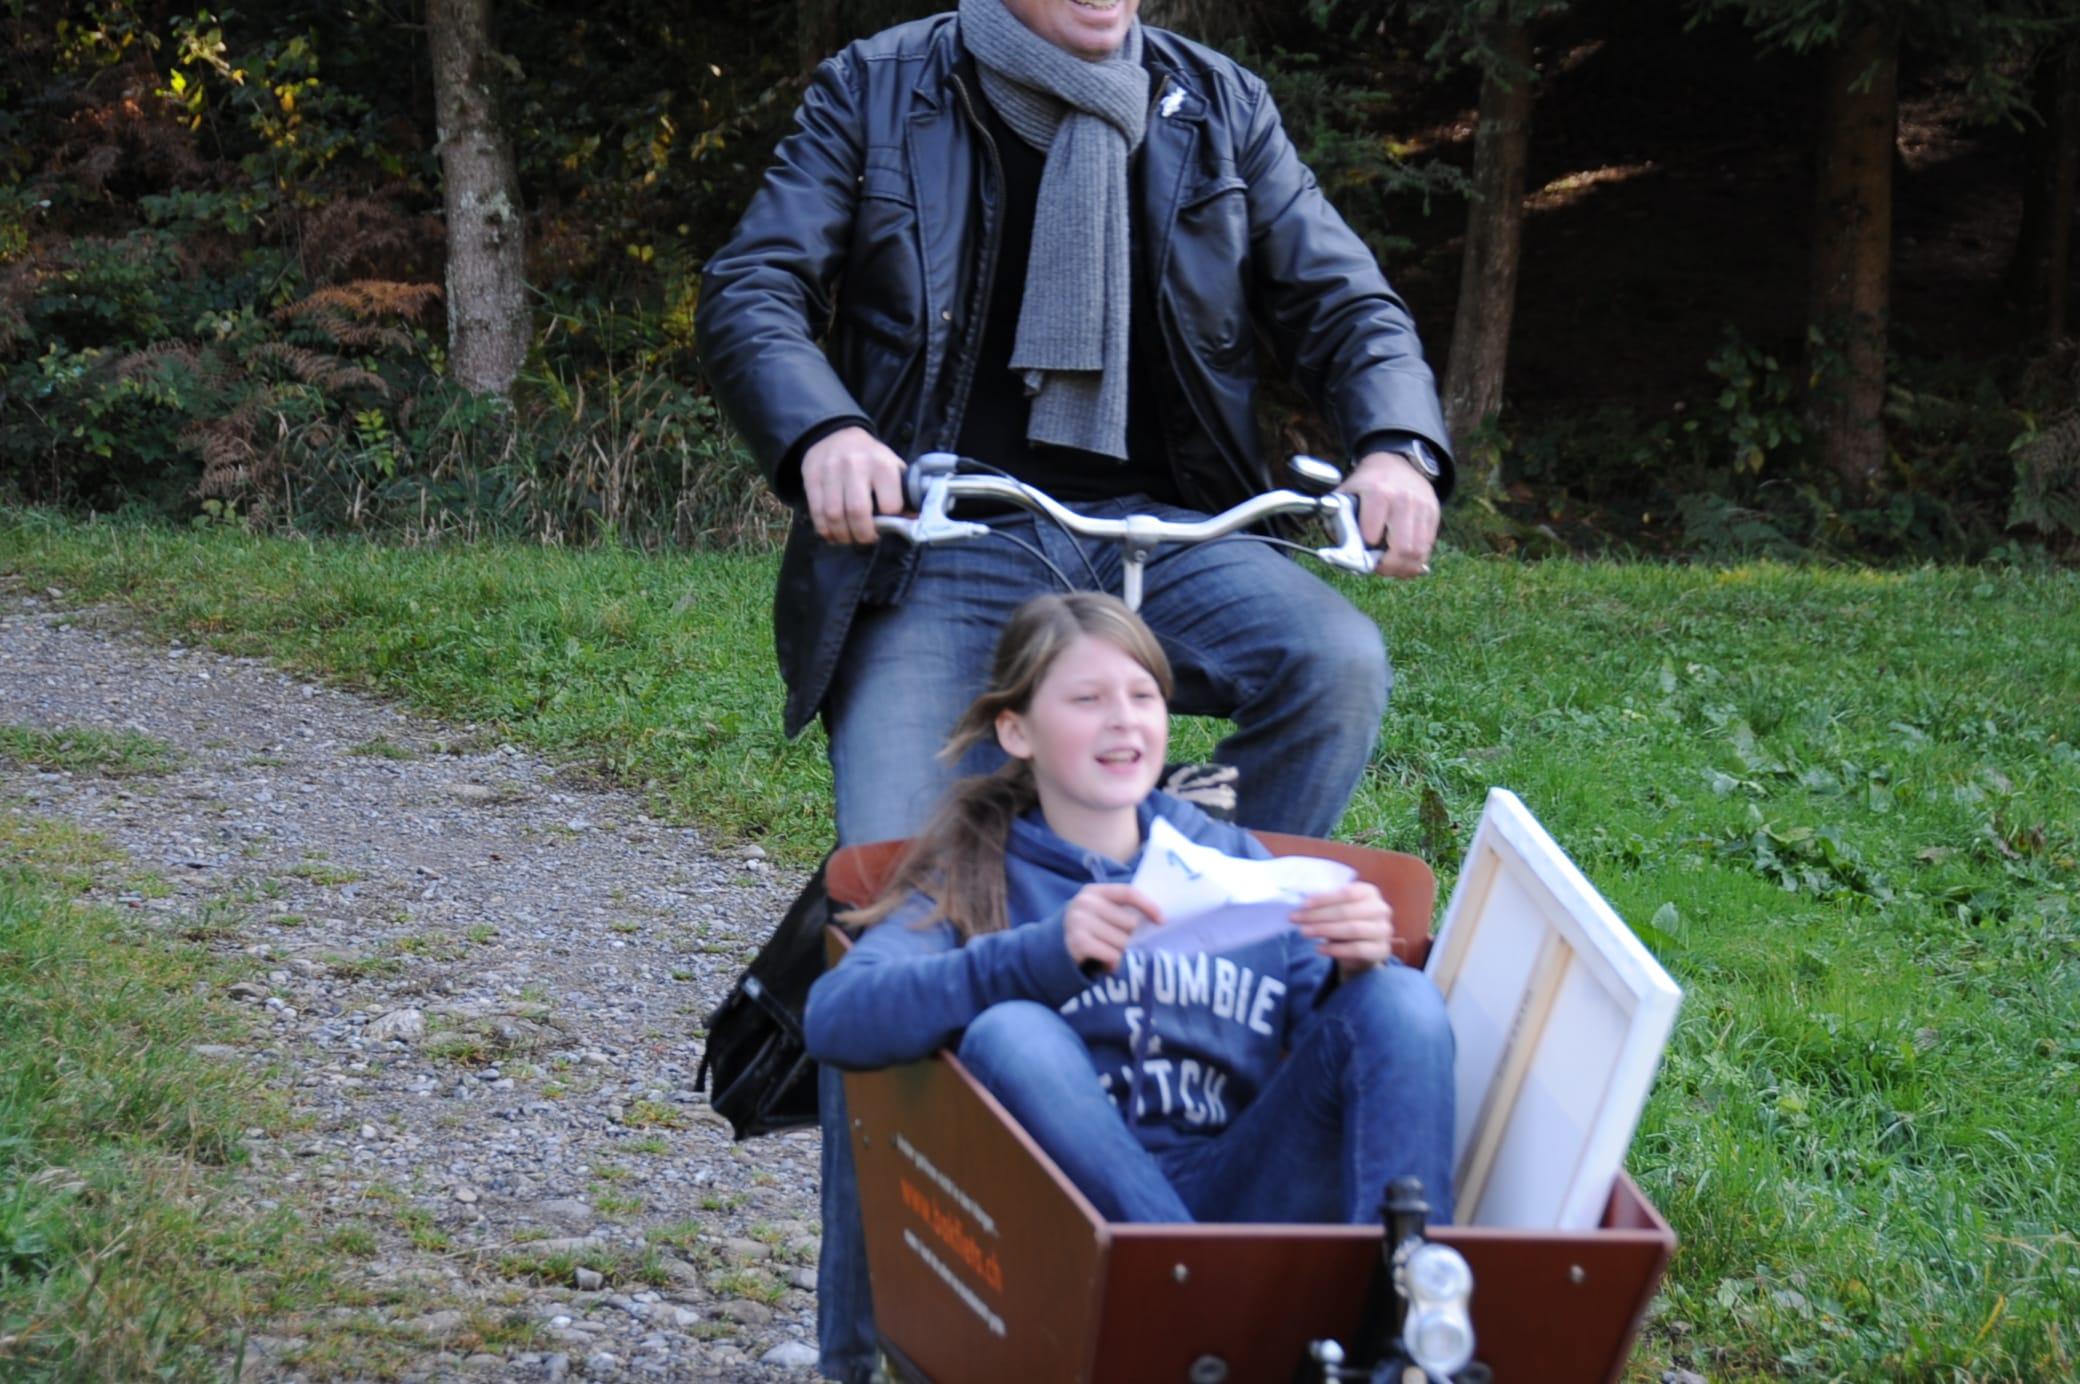 Sjoerd + Anne-Sophie: Flaschenpost, holländisches Transportvelo, Kind, und eine Geschichte…